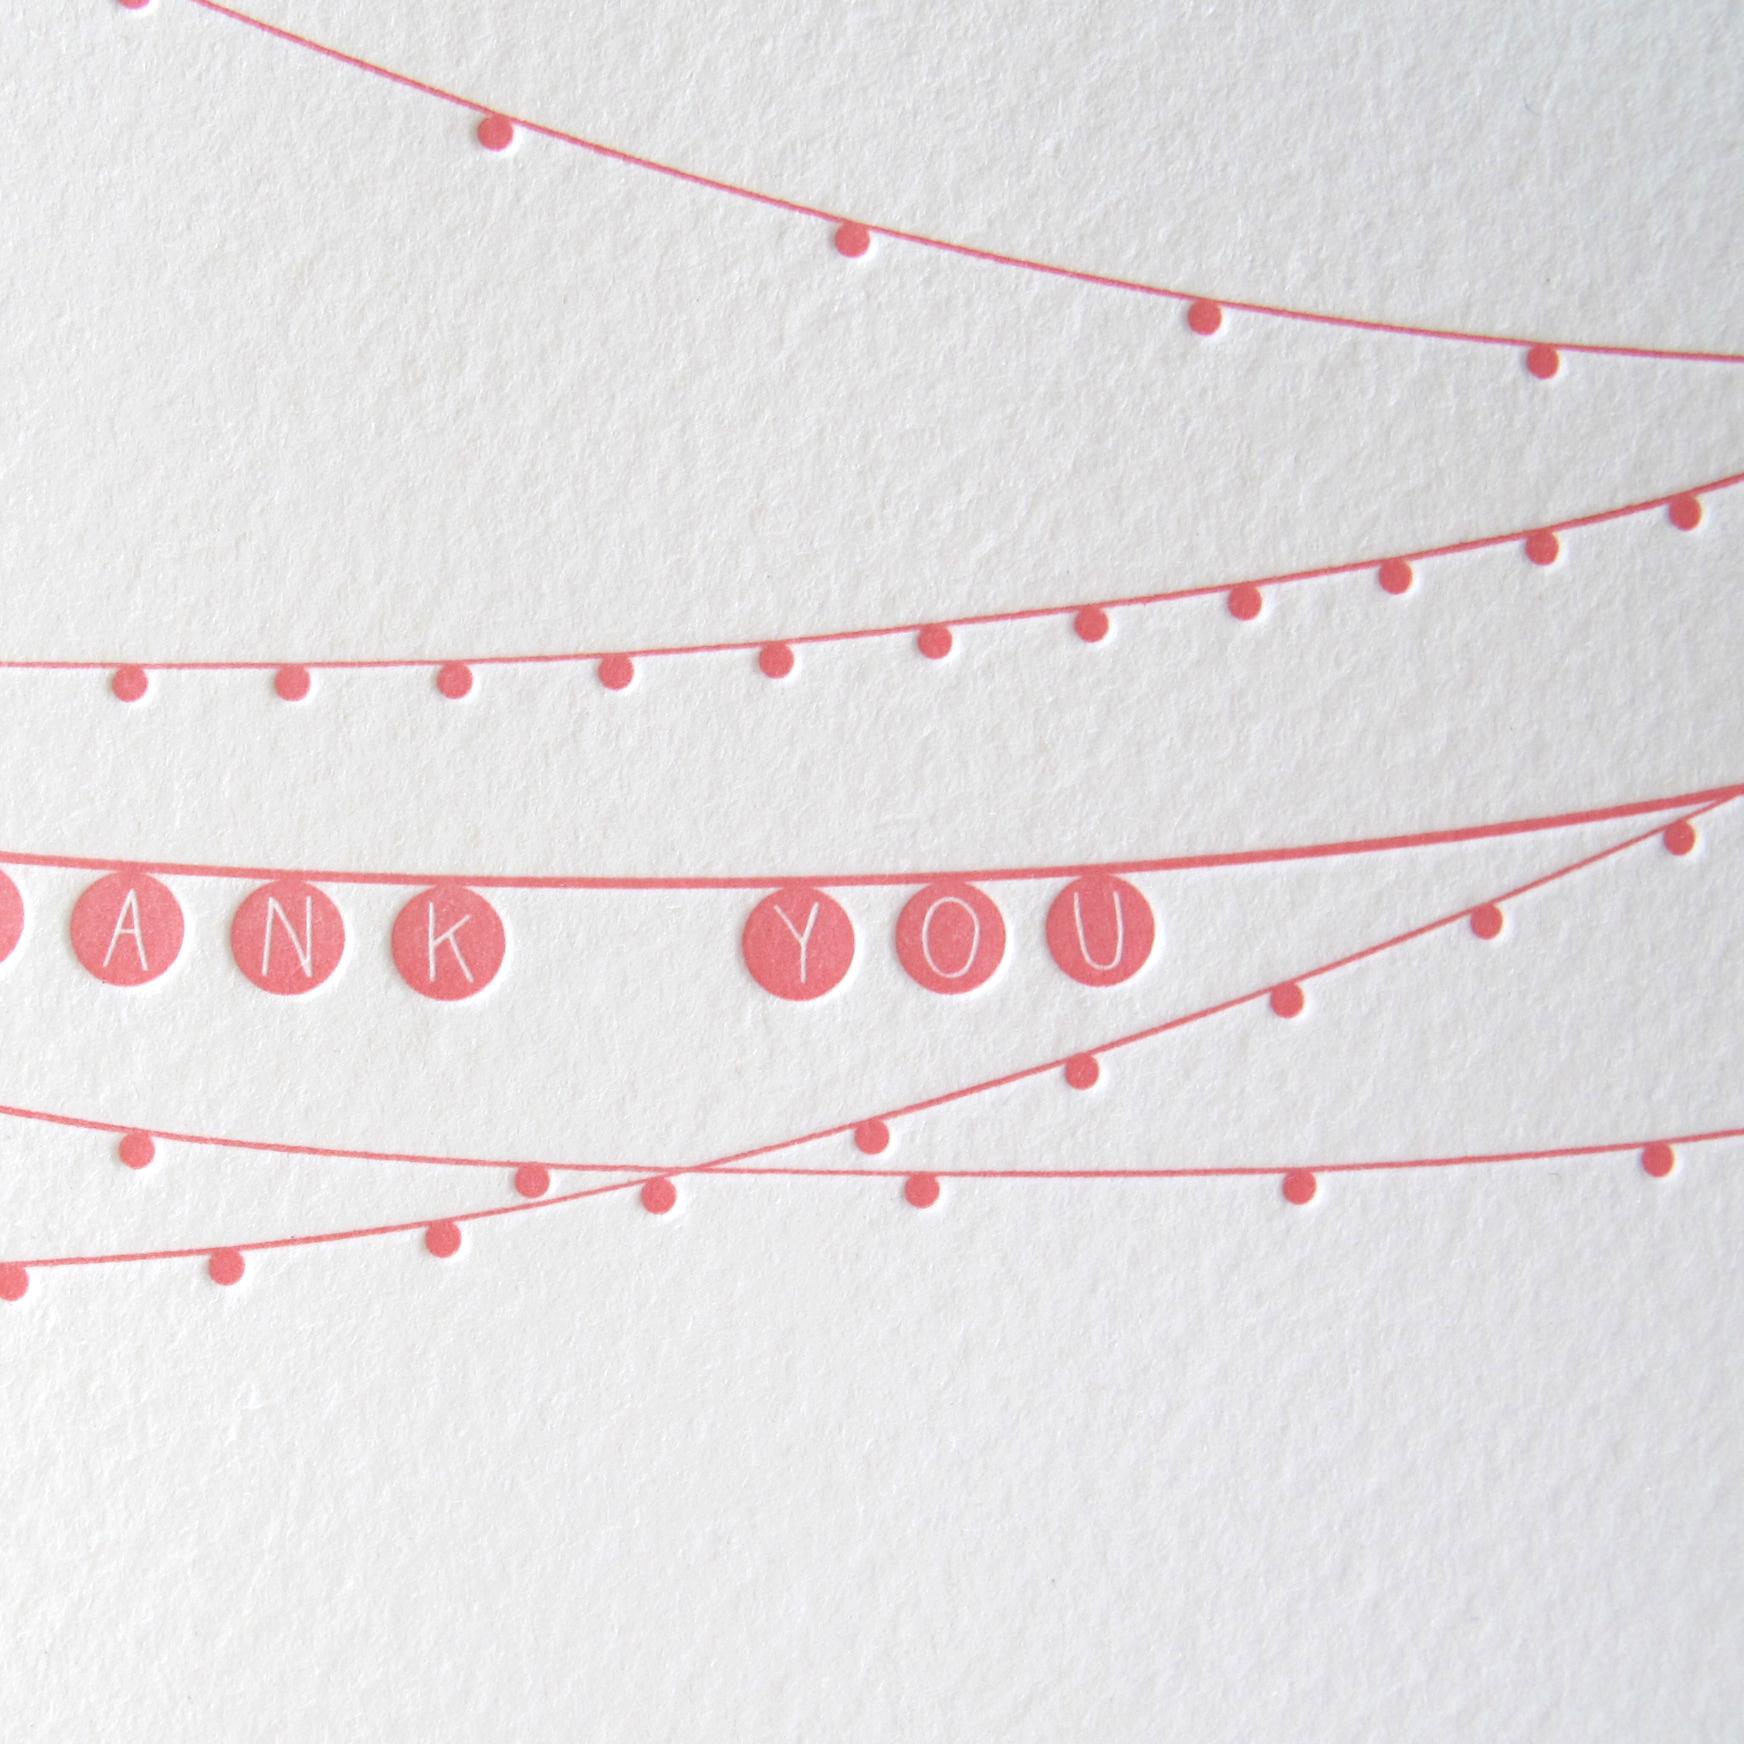 stationery_strings of light_3.jpg